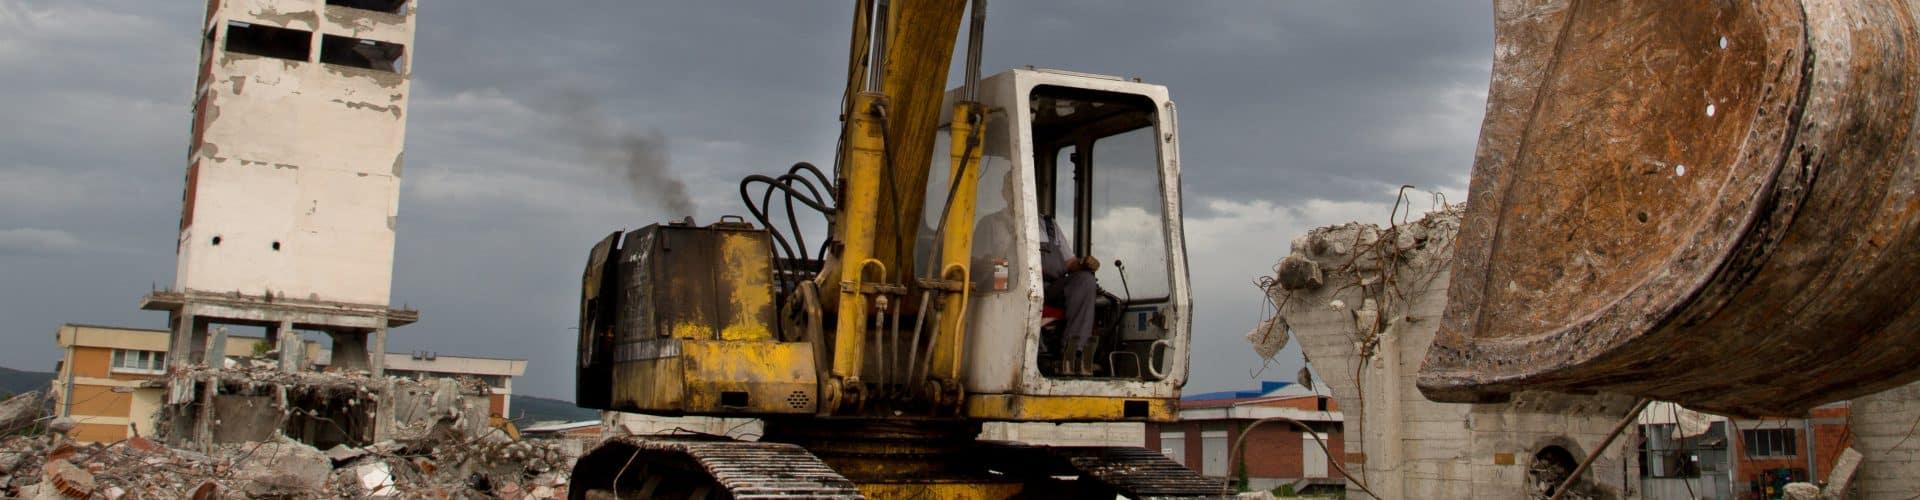 demolition tractor